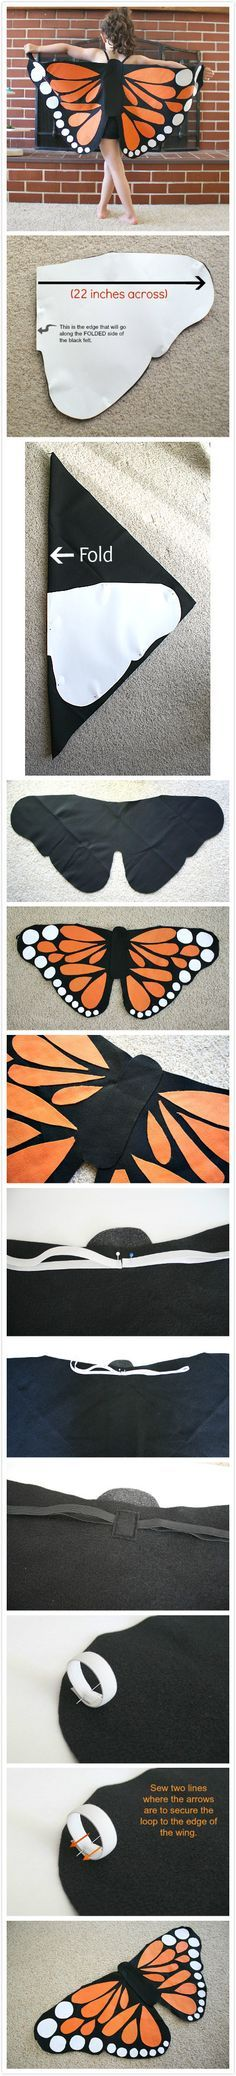 Disfrazate de mariposa monarca!!!